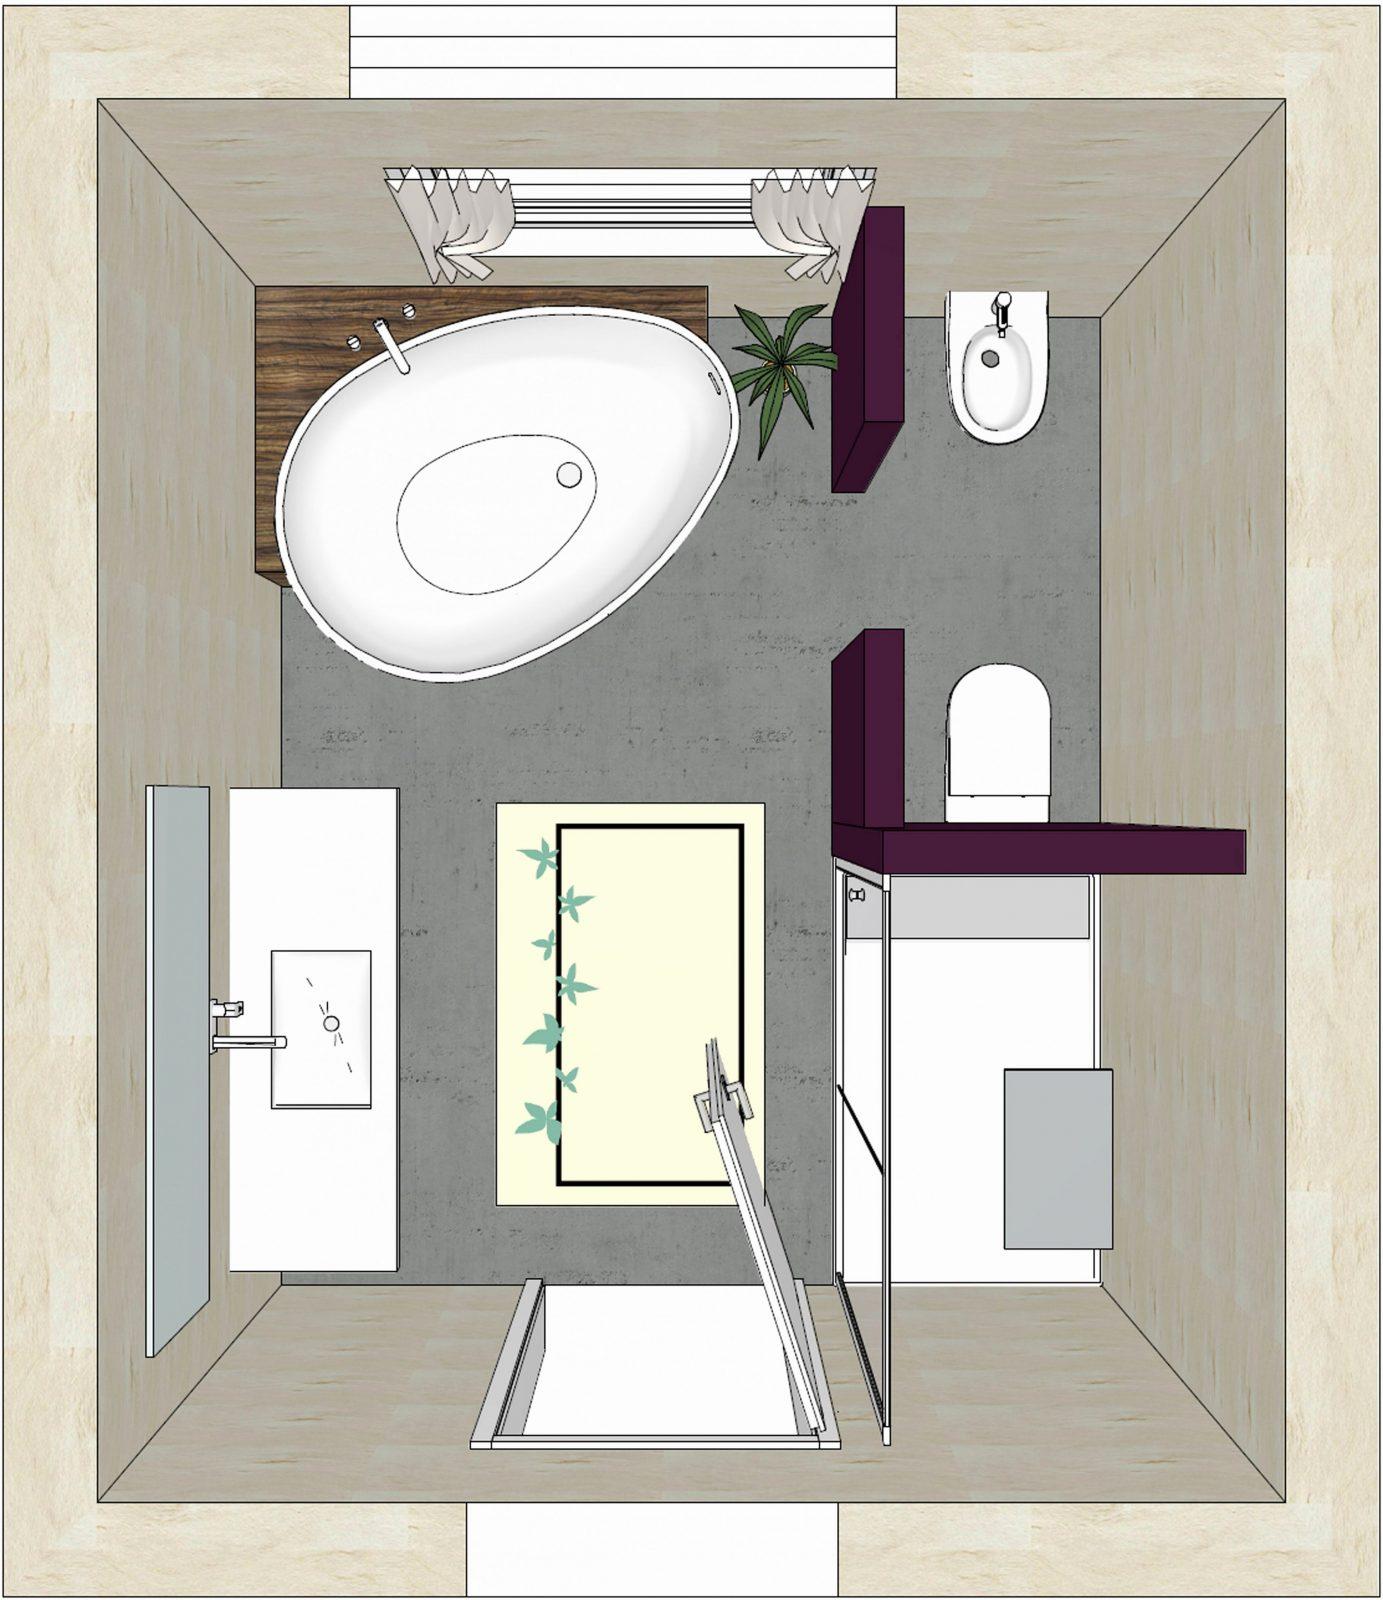 43 Bilder Bild Von Grundriss Badezimmer 10 Qm  Haus Ideen Möbel Und von Badezimmer Beispiele 10 Qm Photo